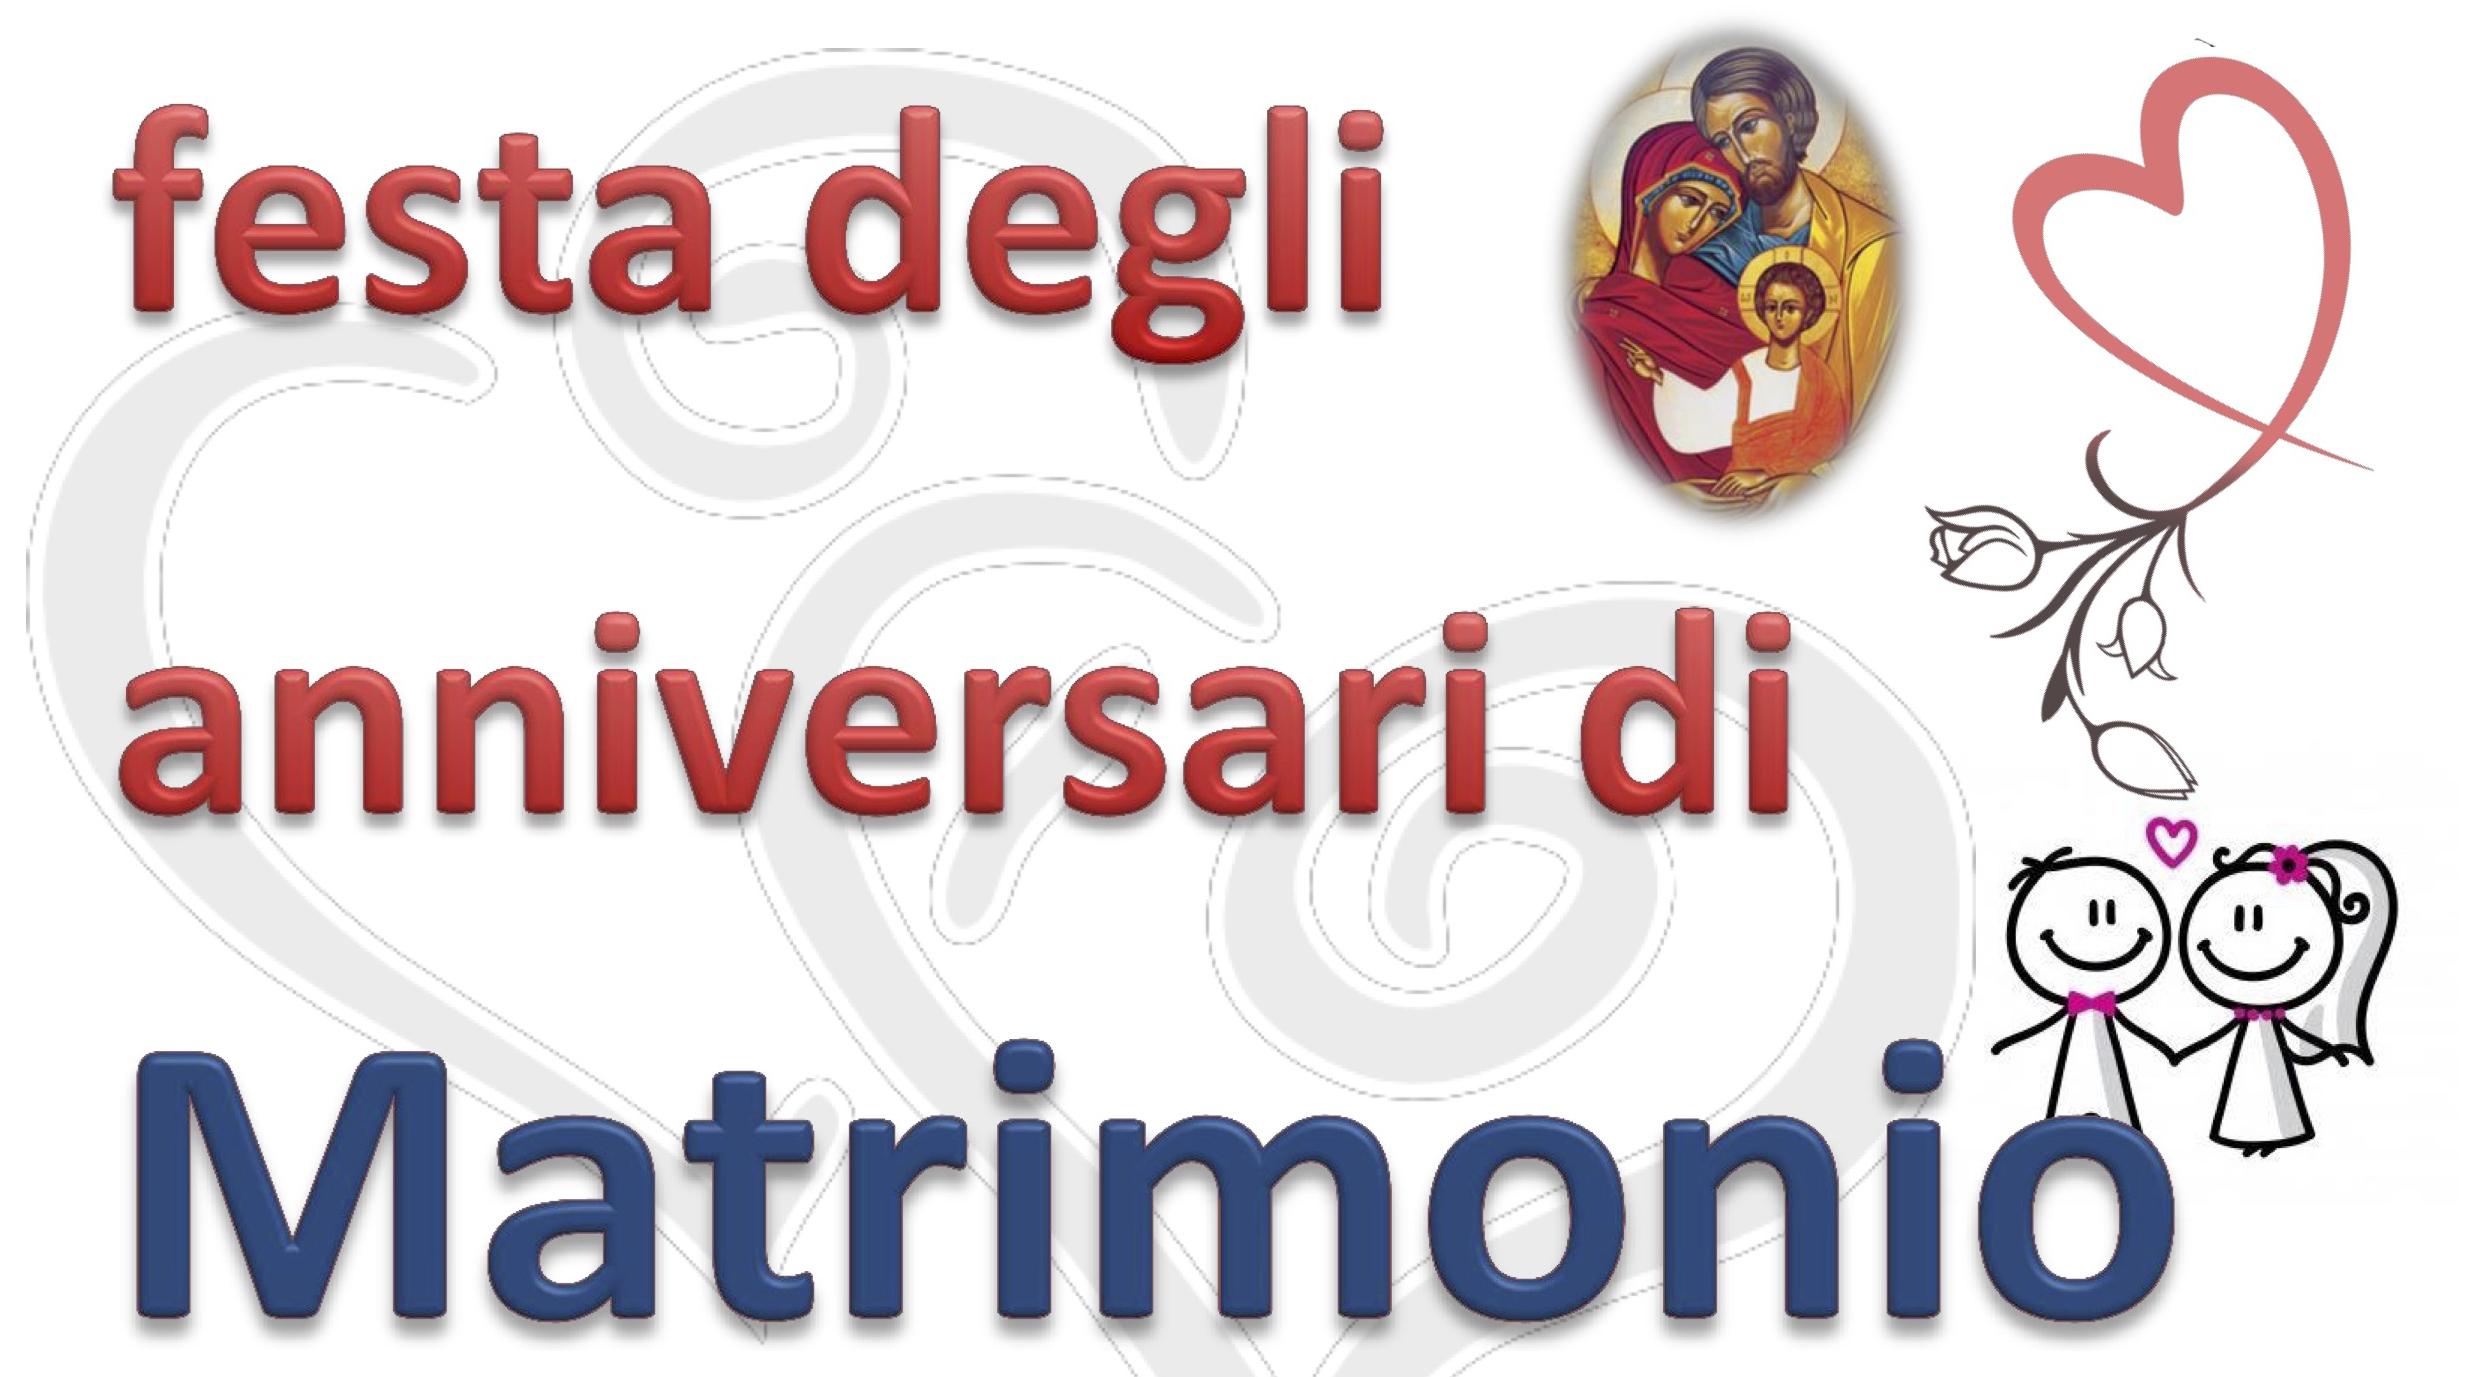 Festa Di Anniversario Di Matrimonio.Festa Degli Anniversari Di Matrimonio Oratorio Don Bosco Agnelli